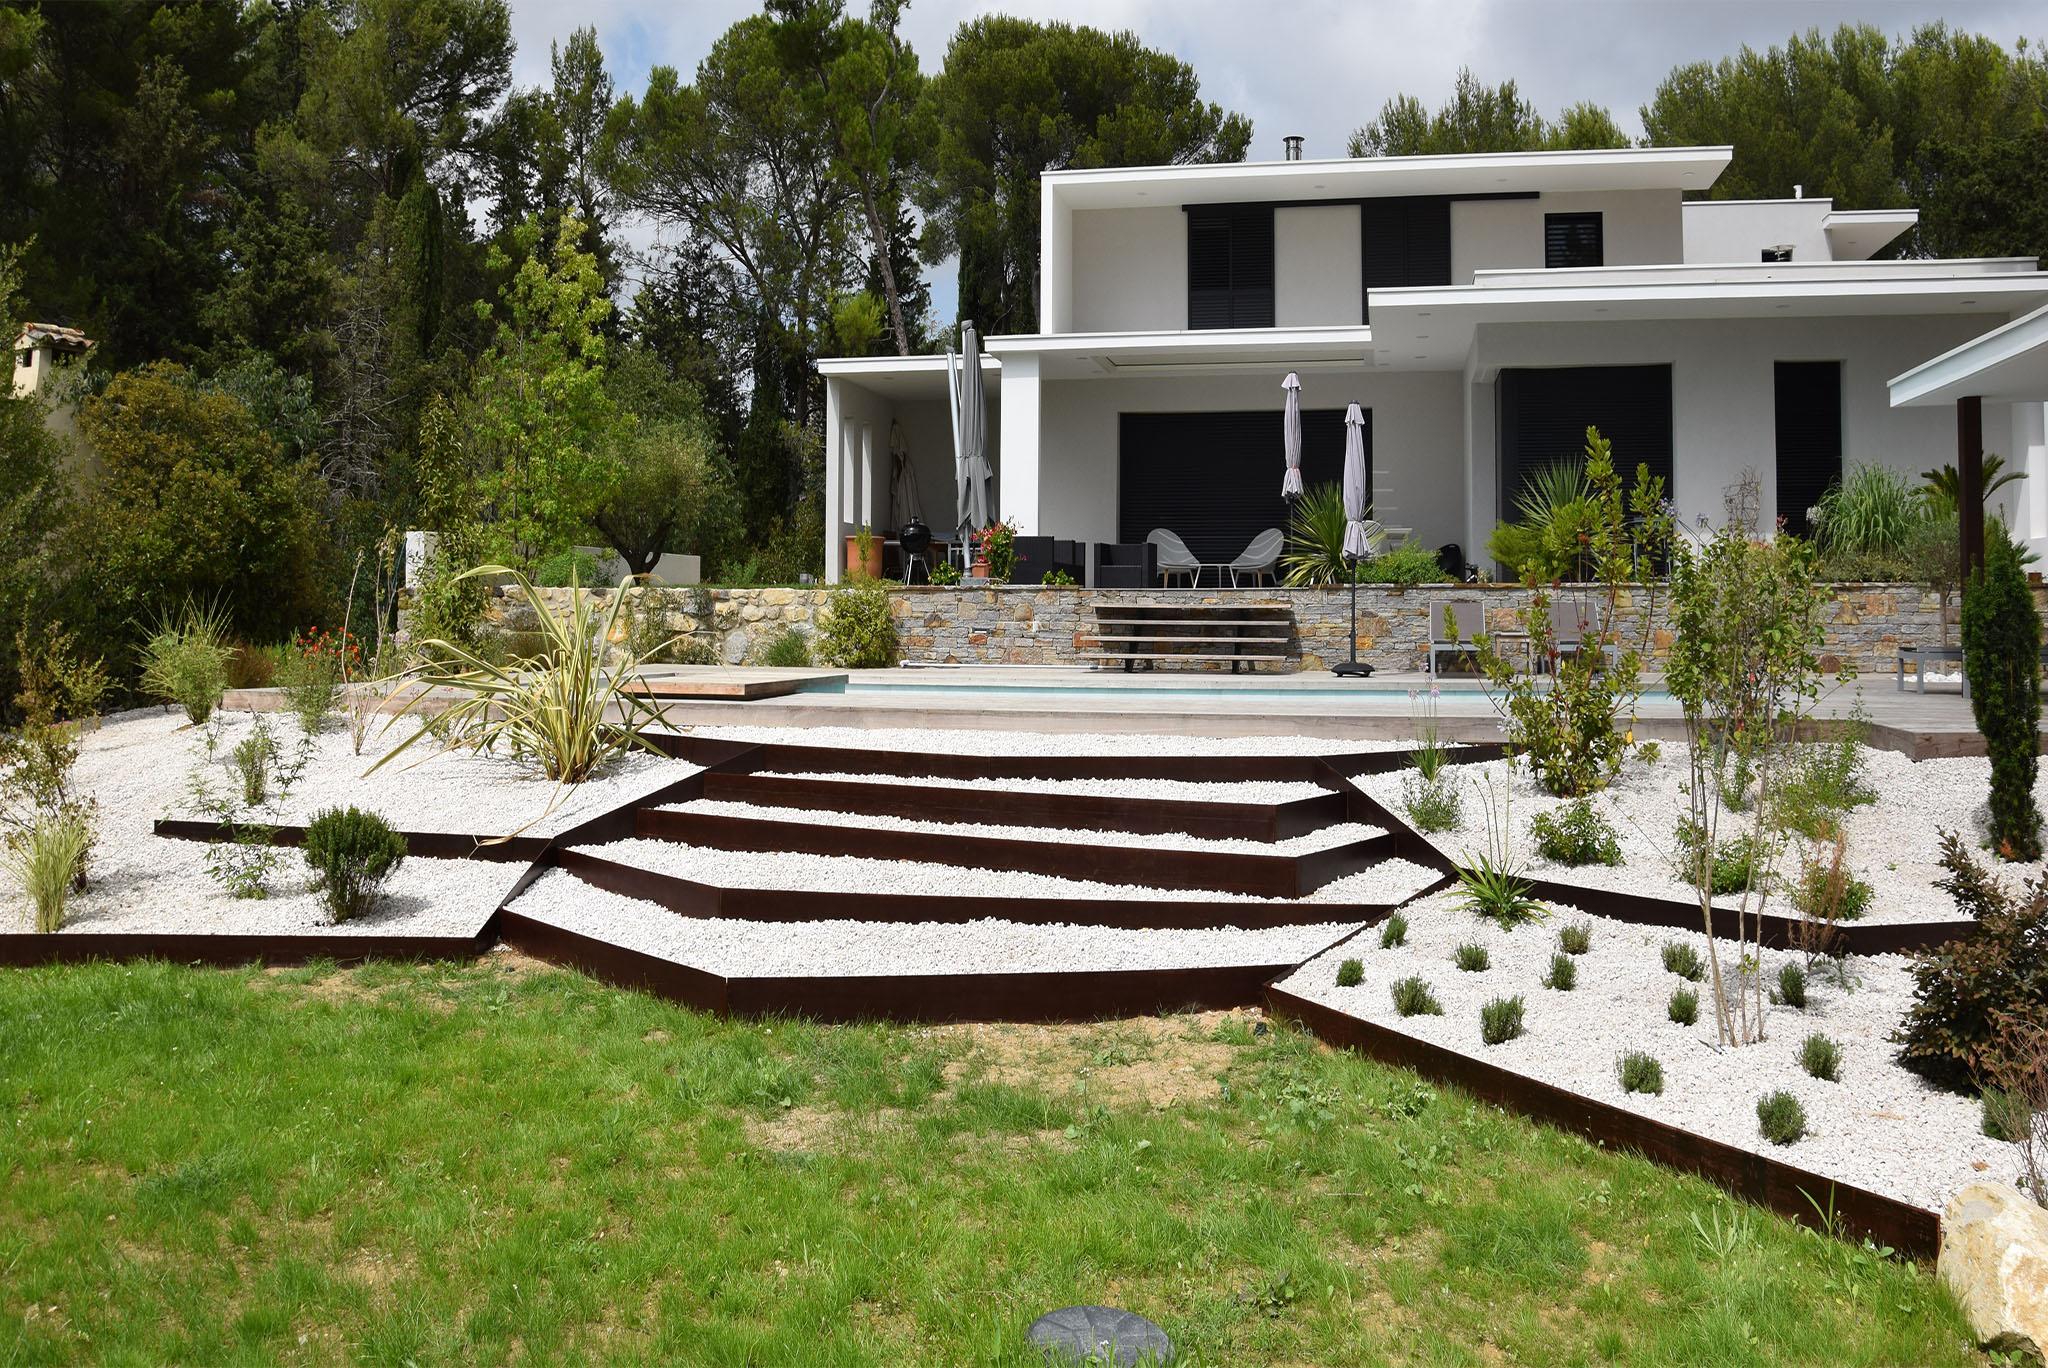 Amenagement Jardin Exterieur Photo paysagiste montpellier amenagement jardin decoration jardin